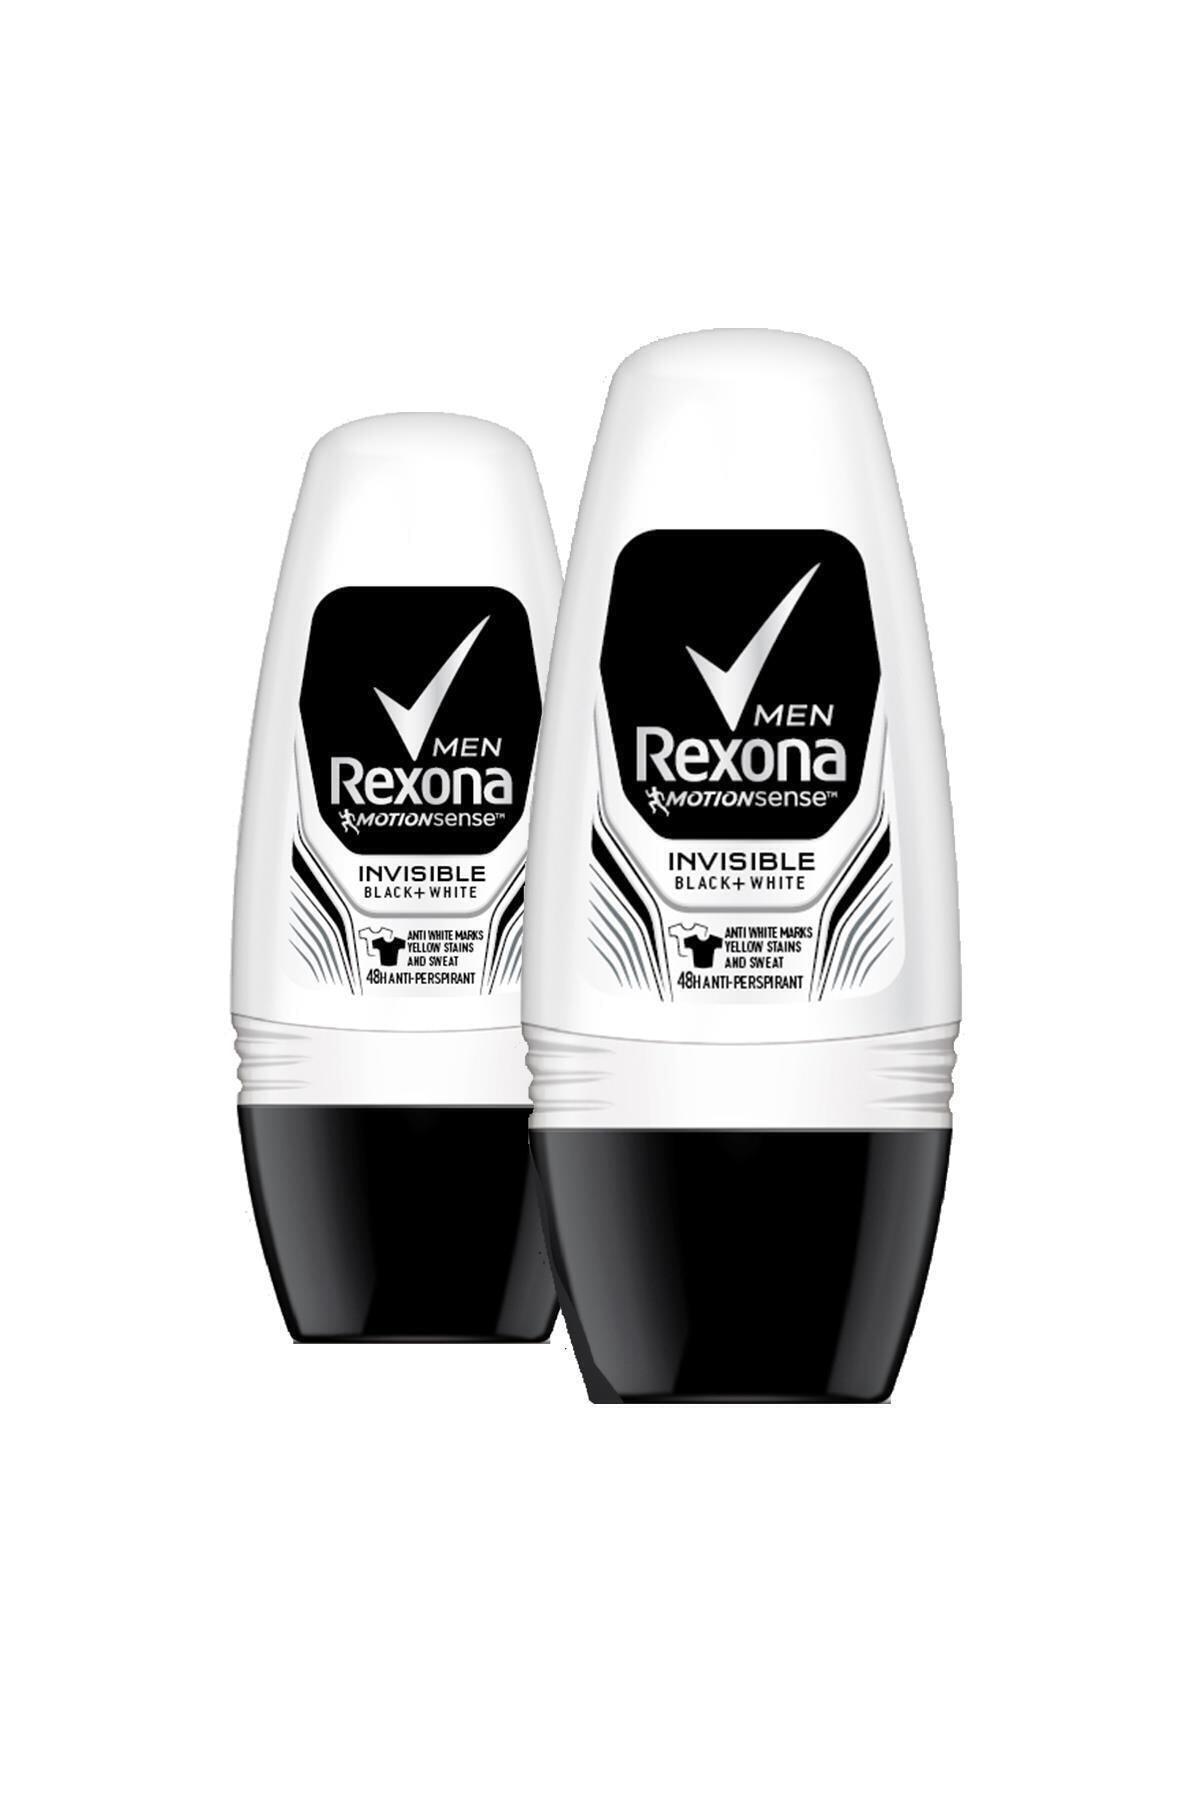 Rexona Erkek Deodorant Roll On Invisible Black White 50 Ml X2 1